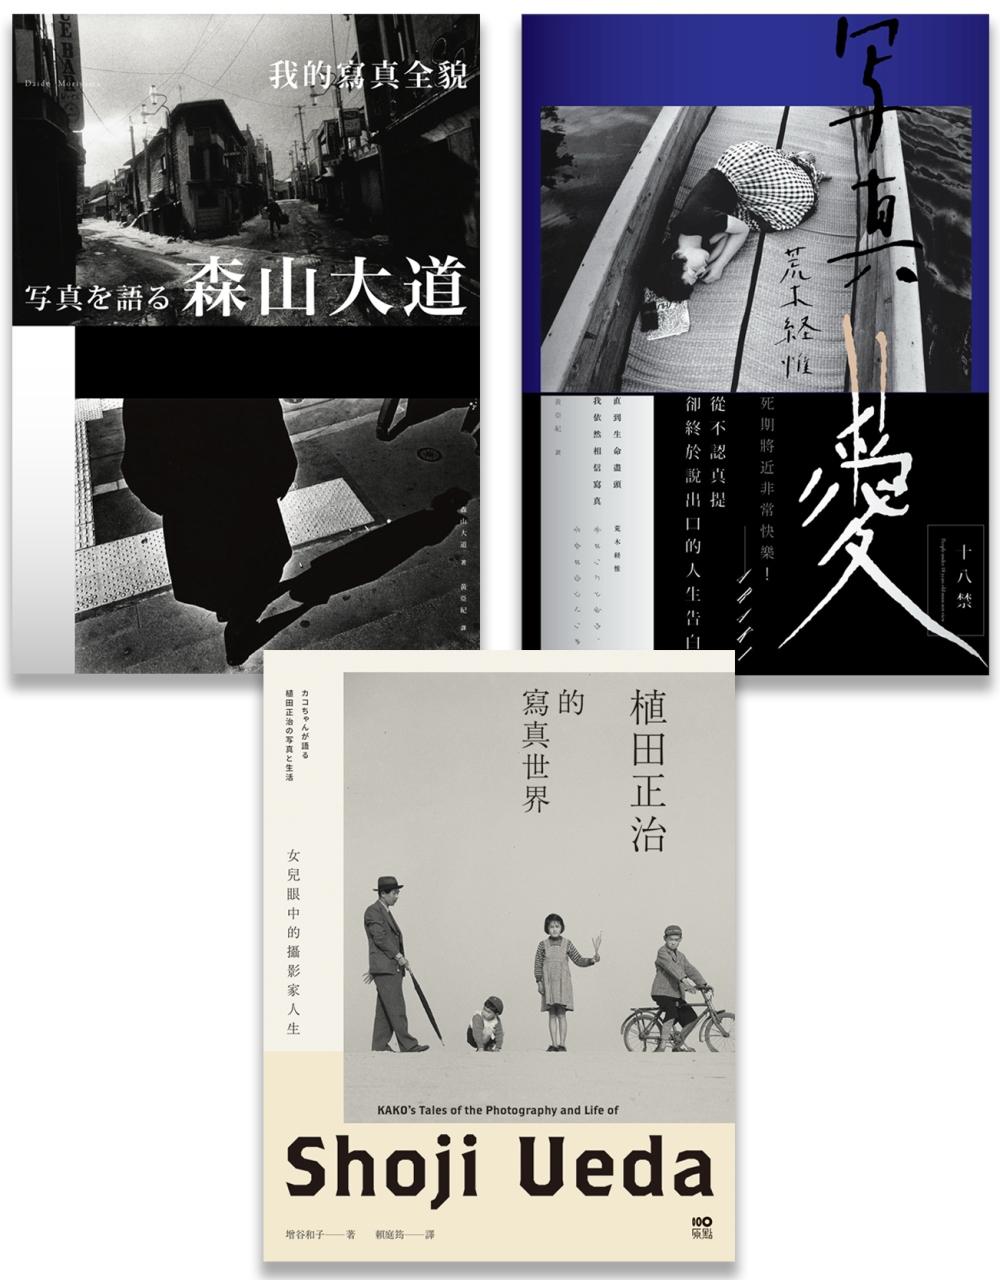 日本攝影大師經典系列套書(三冊):《荒木經惟.寫真=愛(18禁)》、《森山大道,我的寫真全貌》、《植田正治的寫真世界》(限台灣)